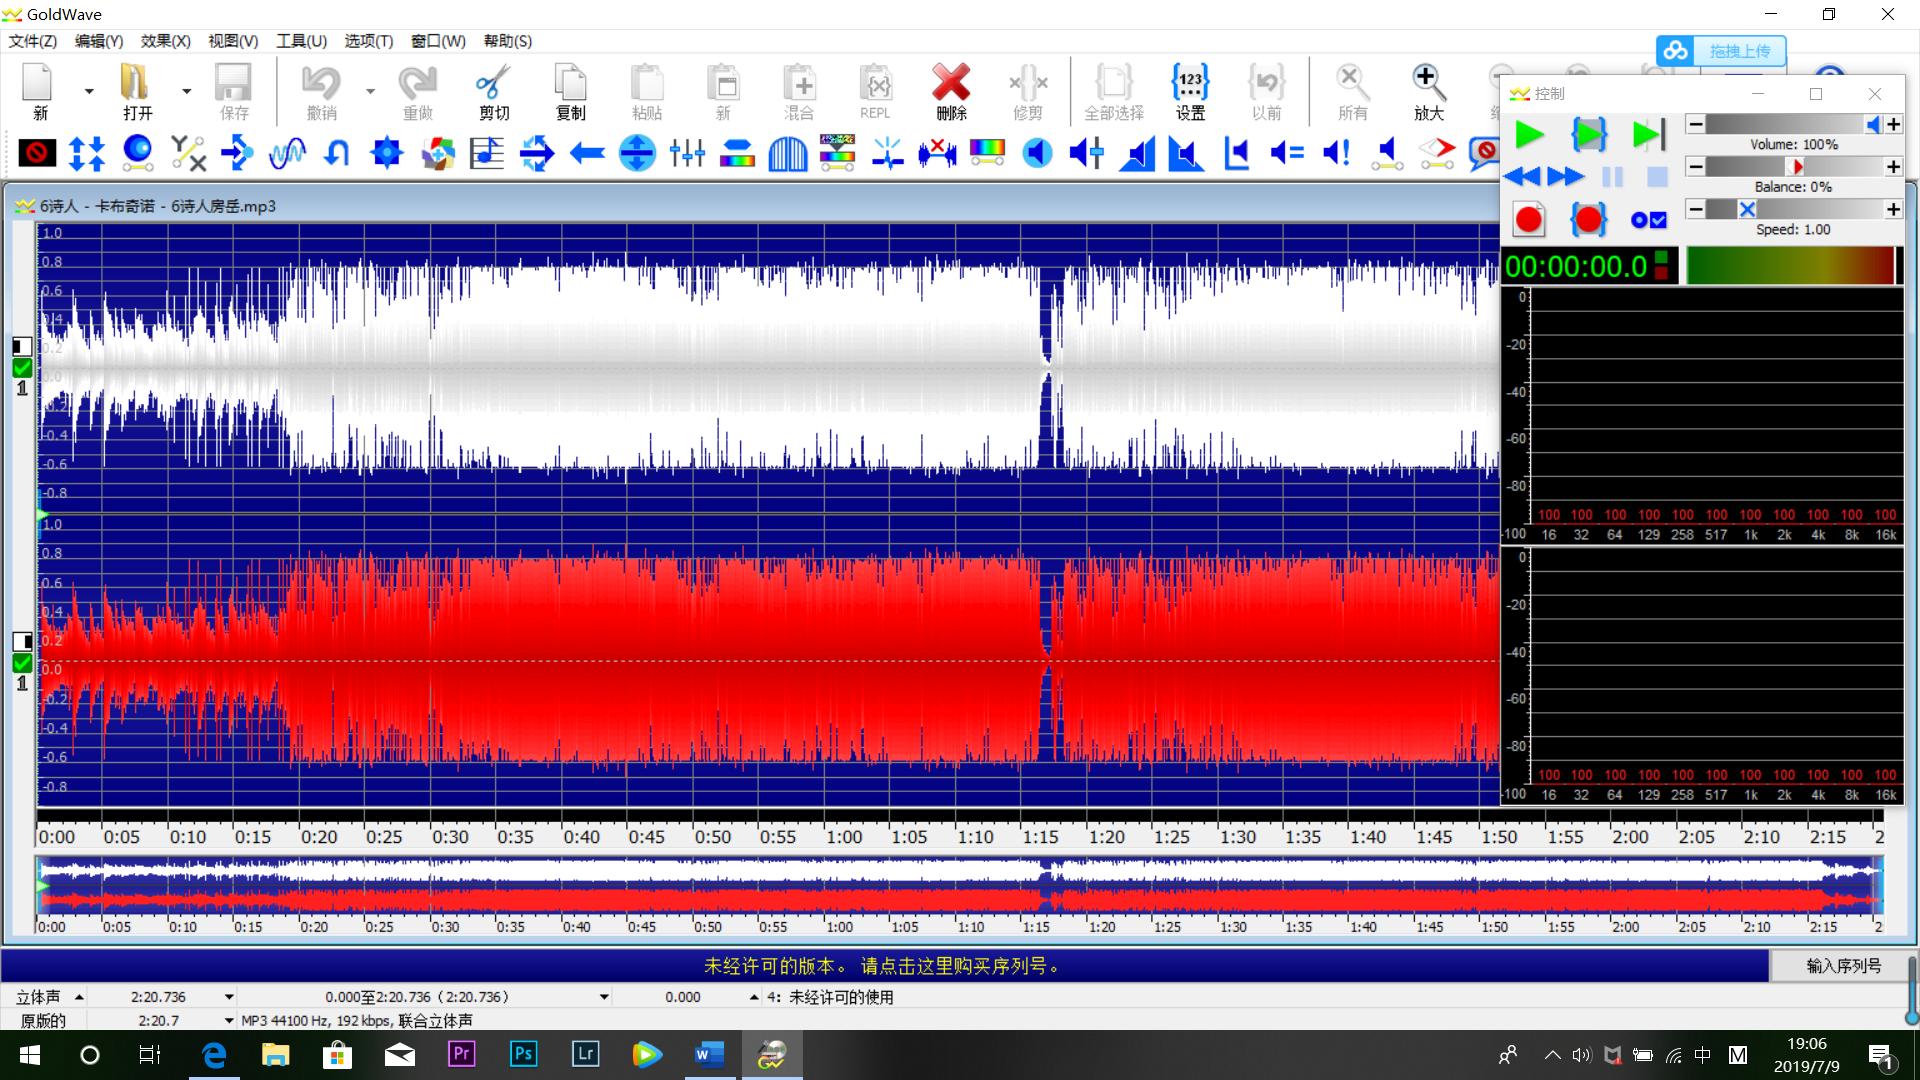 图二:声音频道波形